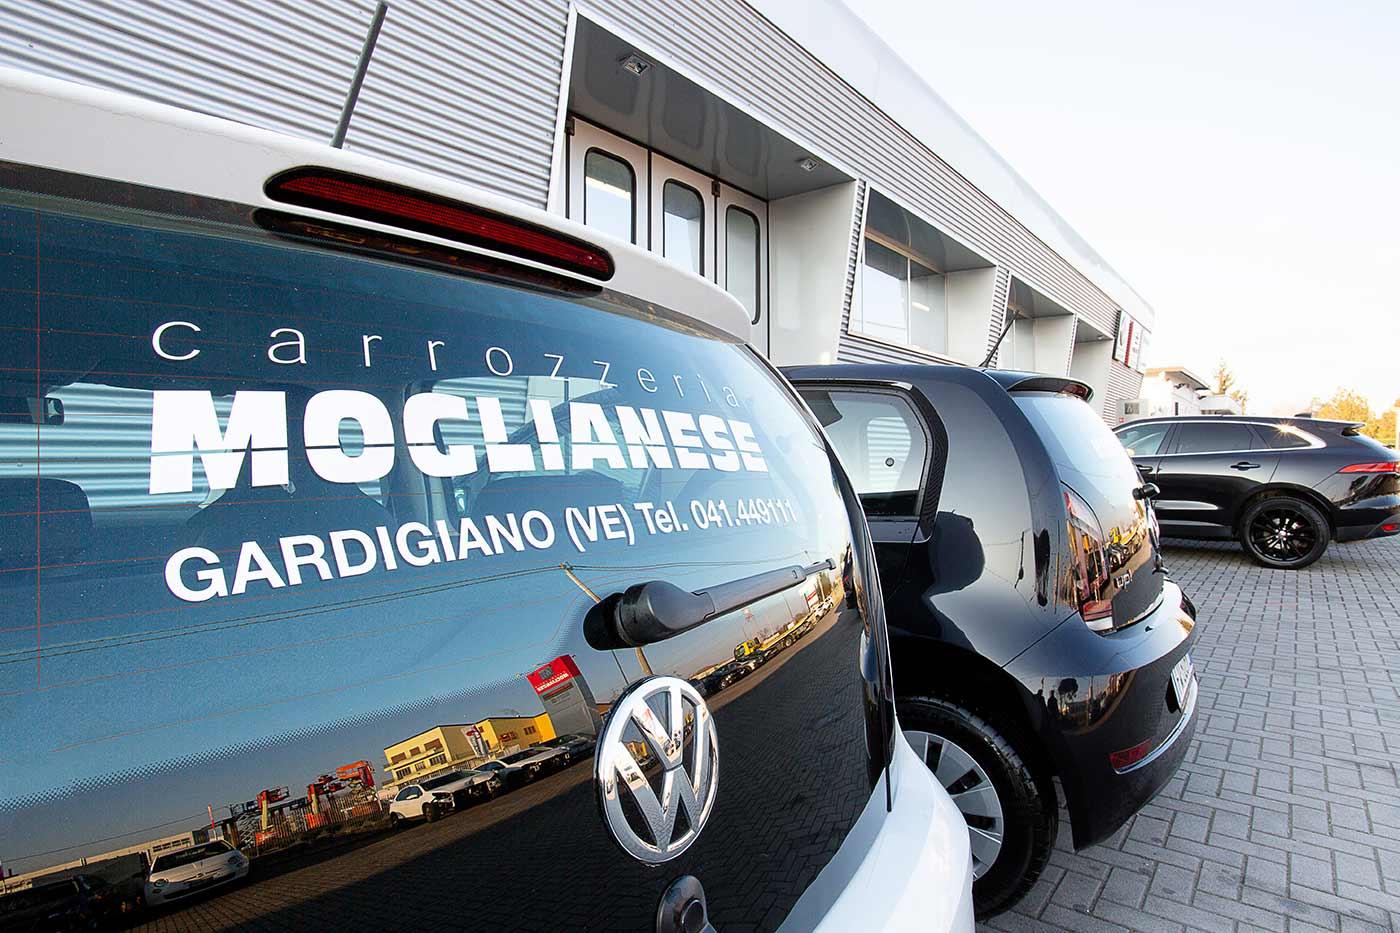 Carrozzeria-Moglianese-Gardigiano-Scorze-noleggio-auto-1